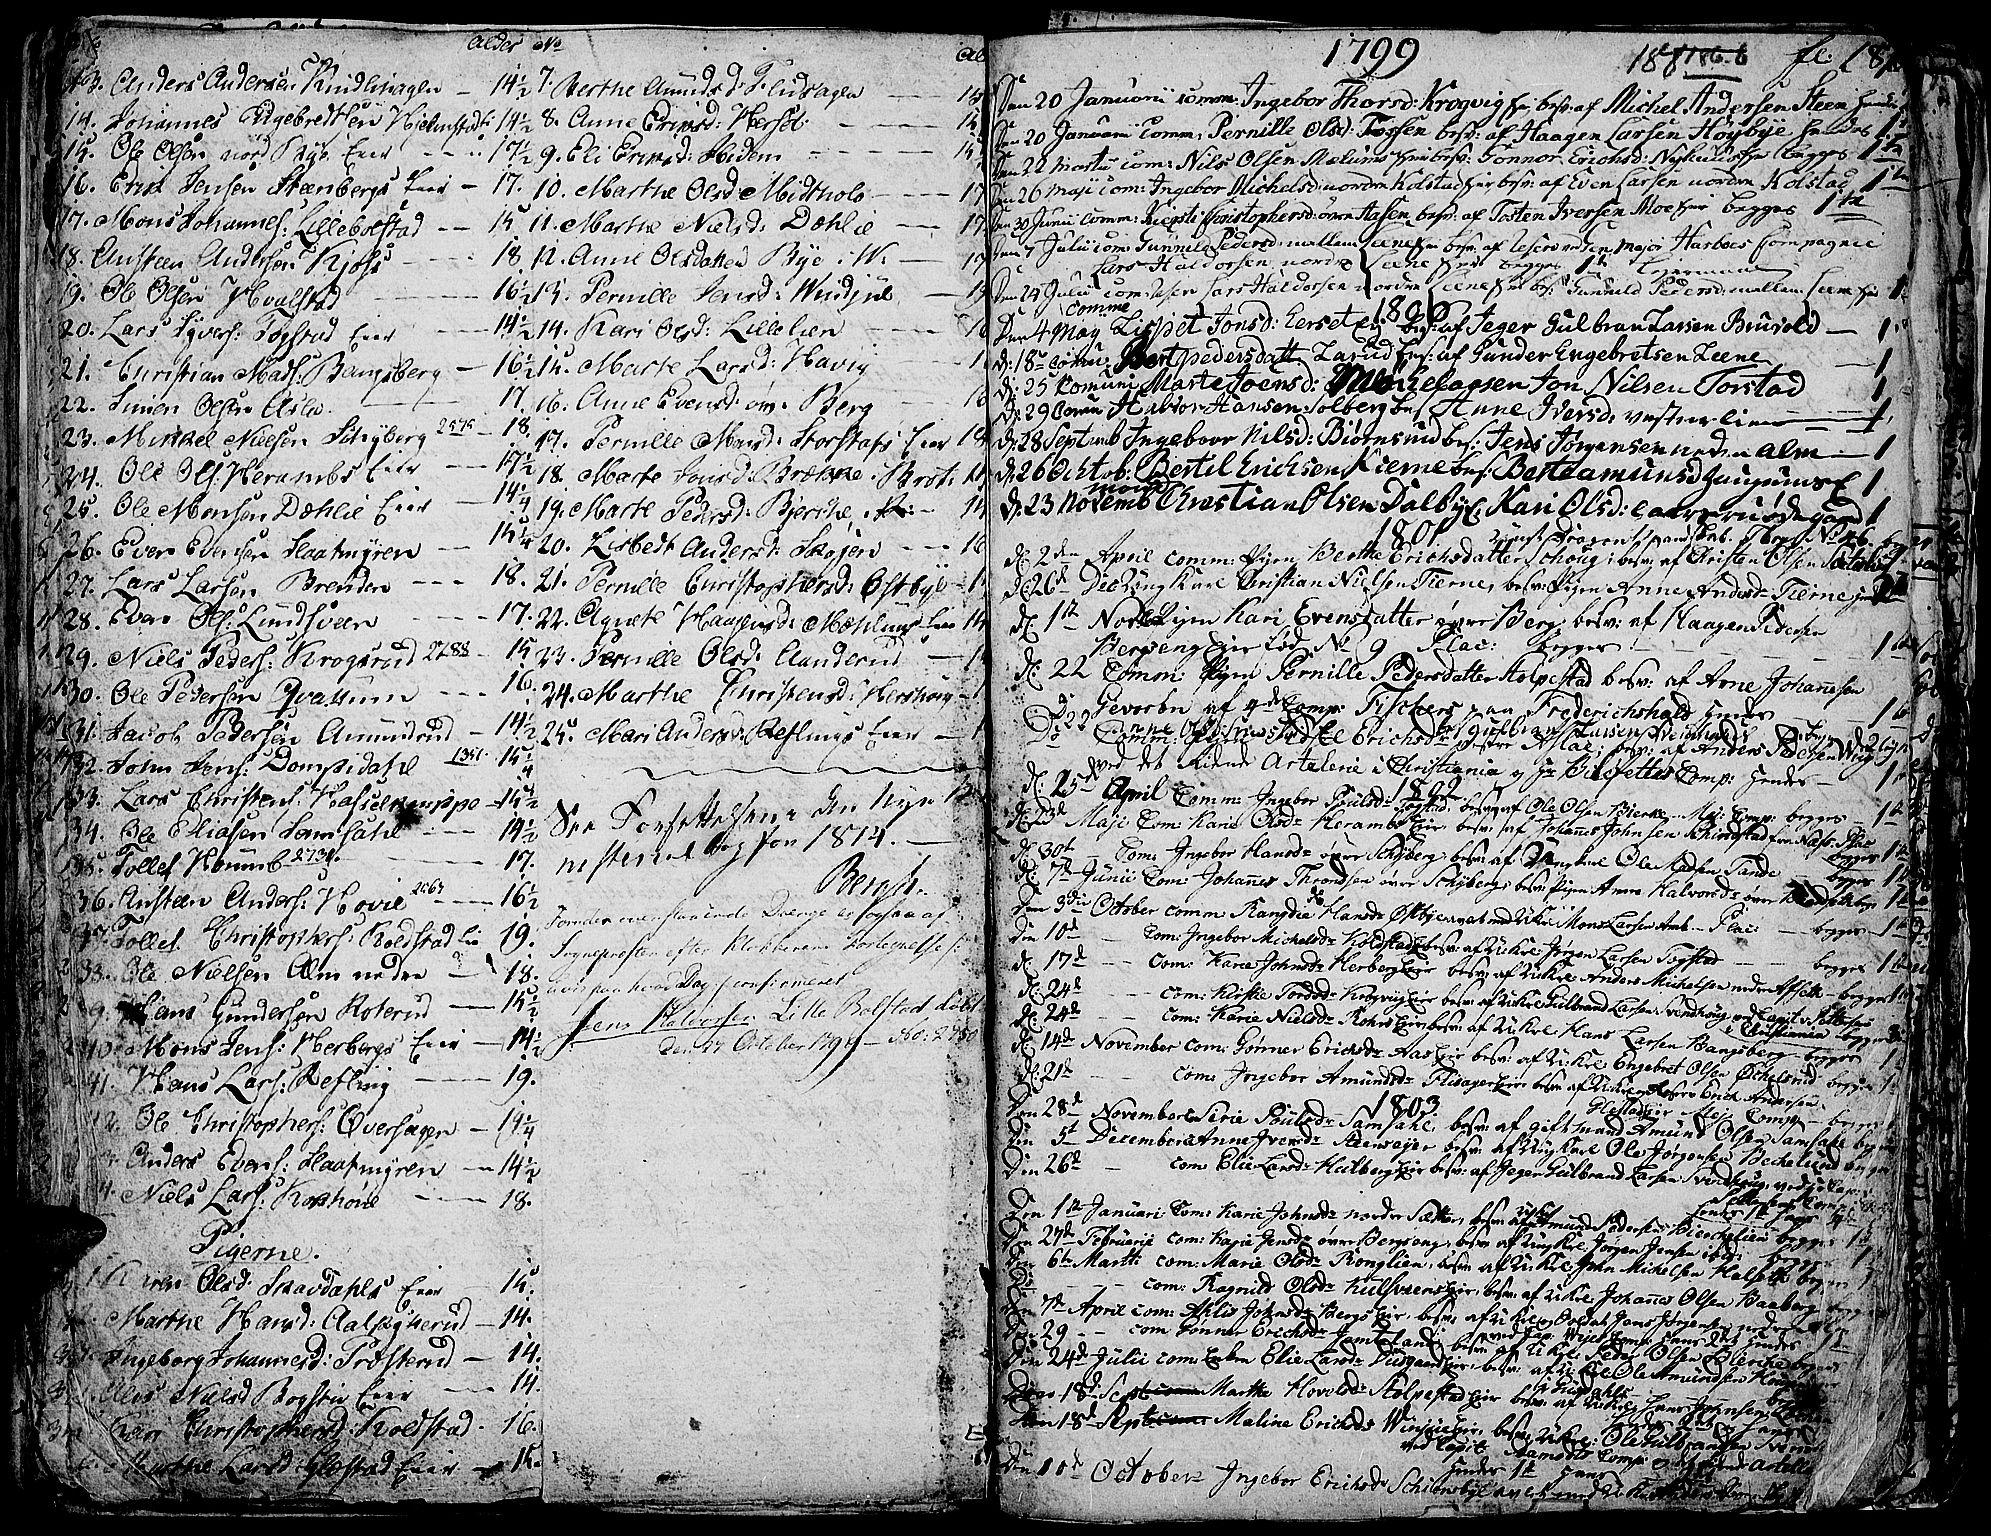 SAH, Ringsaker prestekontor, K/Ka/L0004: Ministerialbok nr. 4, 1799-1814, s. 188